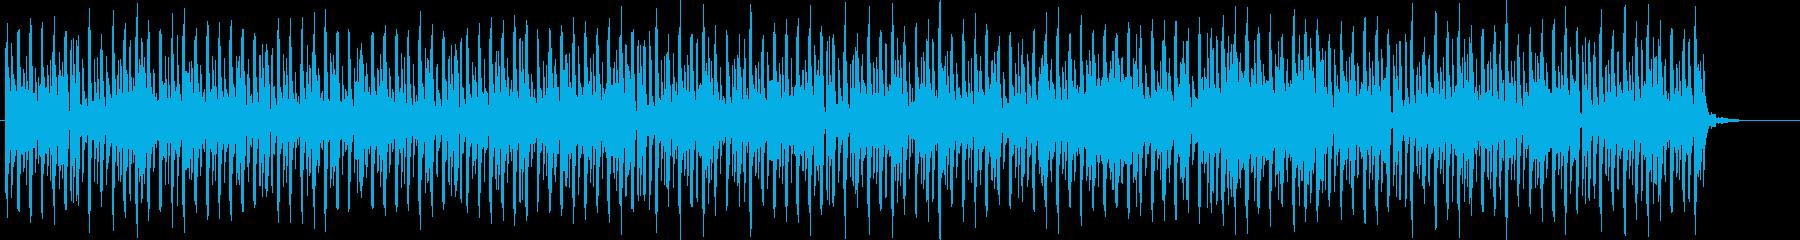 ゆる〜〜い癒しダンスポップの再生済みの波形